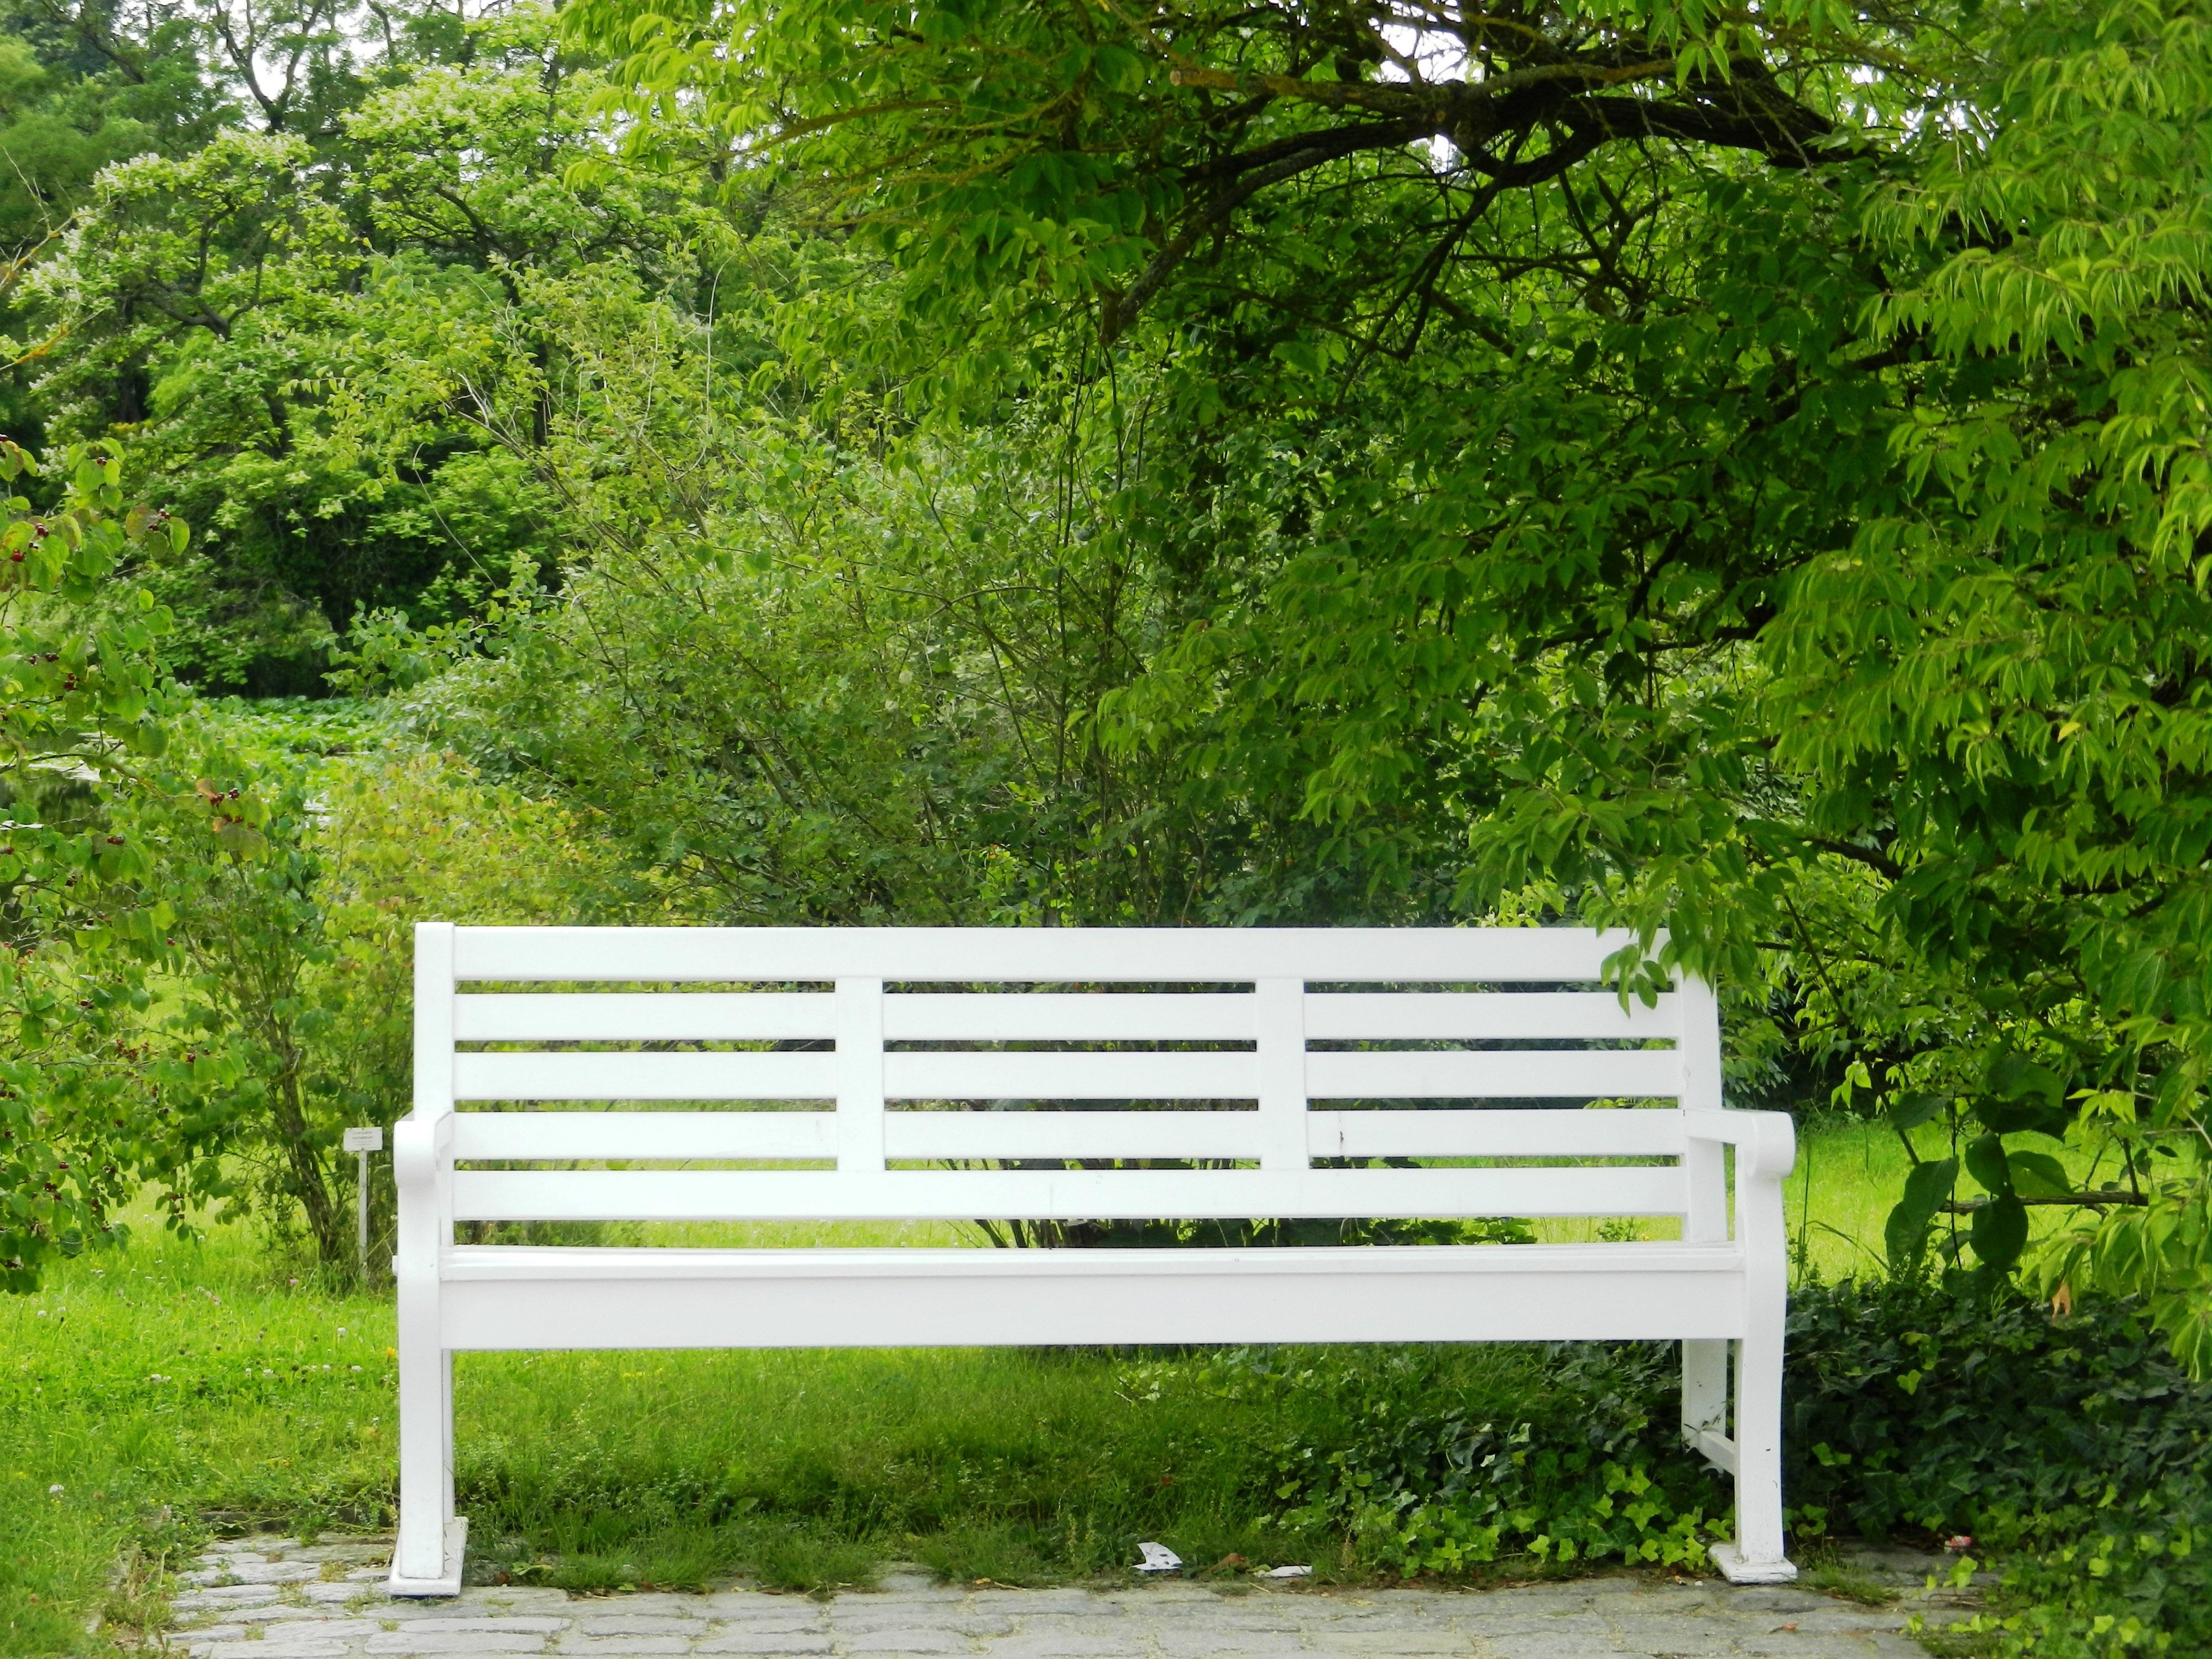 Fotos Gratis : árbol, Naturaleza, Césped, Blanco, Banco